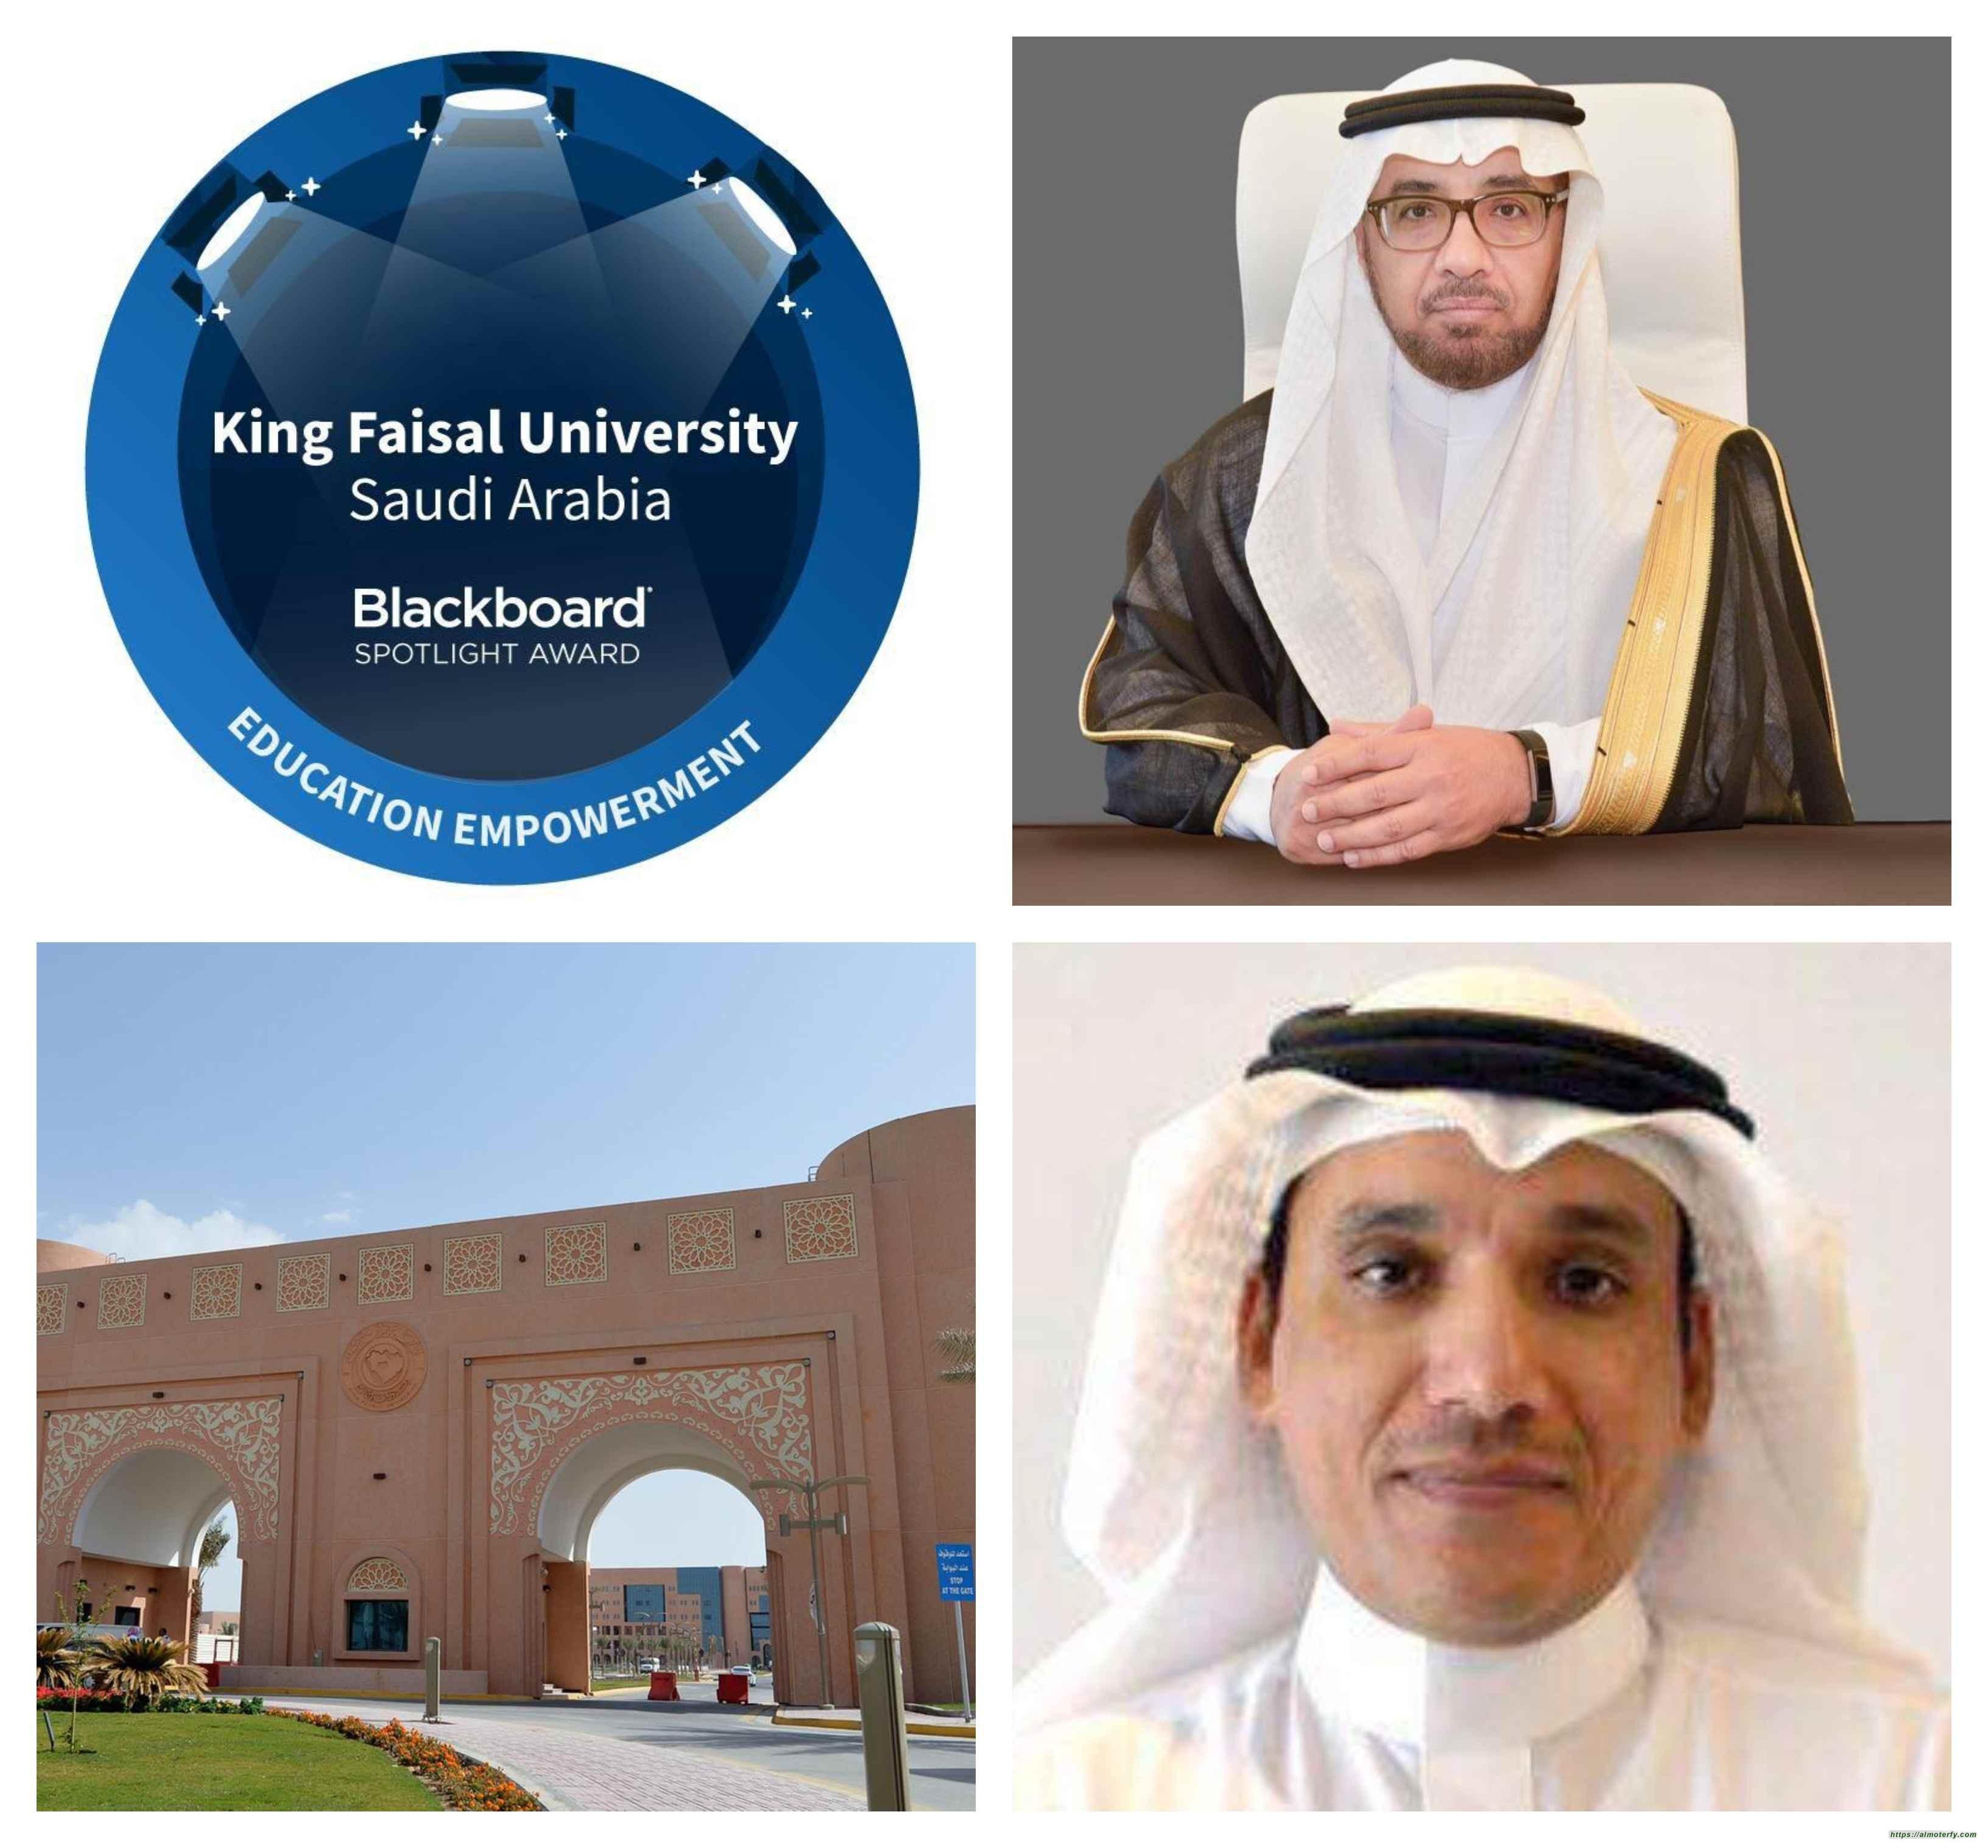 جامعة الملك فيصل بالاحساء تفوز بجائزة بلاكبورد لفئة التميز في تمكين التعليم من خلال منصة بلاكبورد لعام 2021